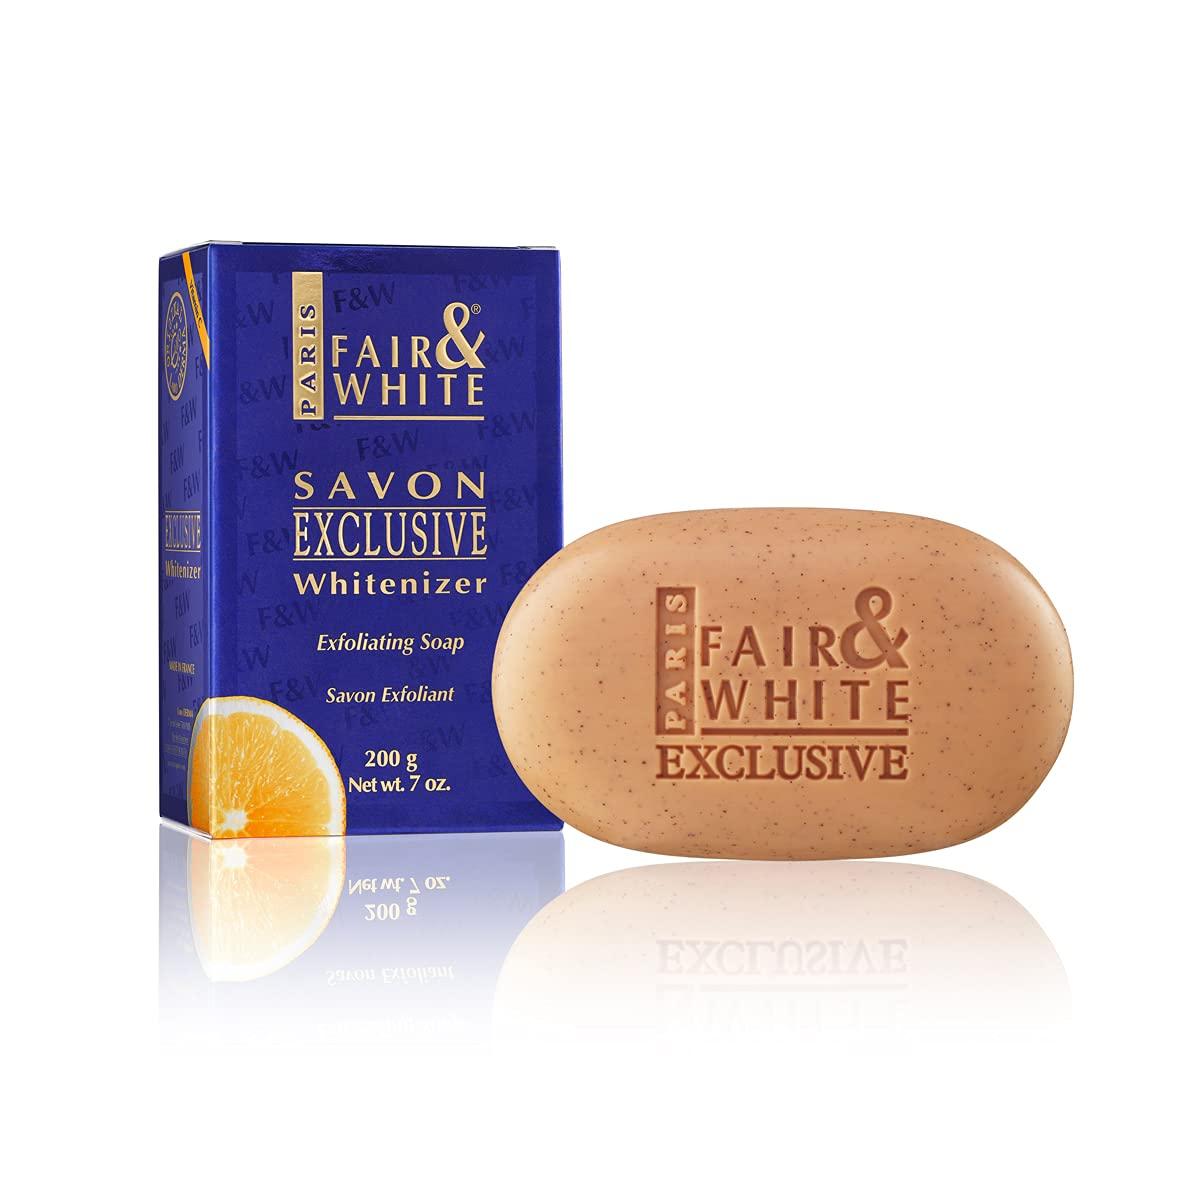 Fair and White Savon Exclusive Whitenizer Exfoliating Soap